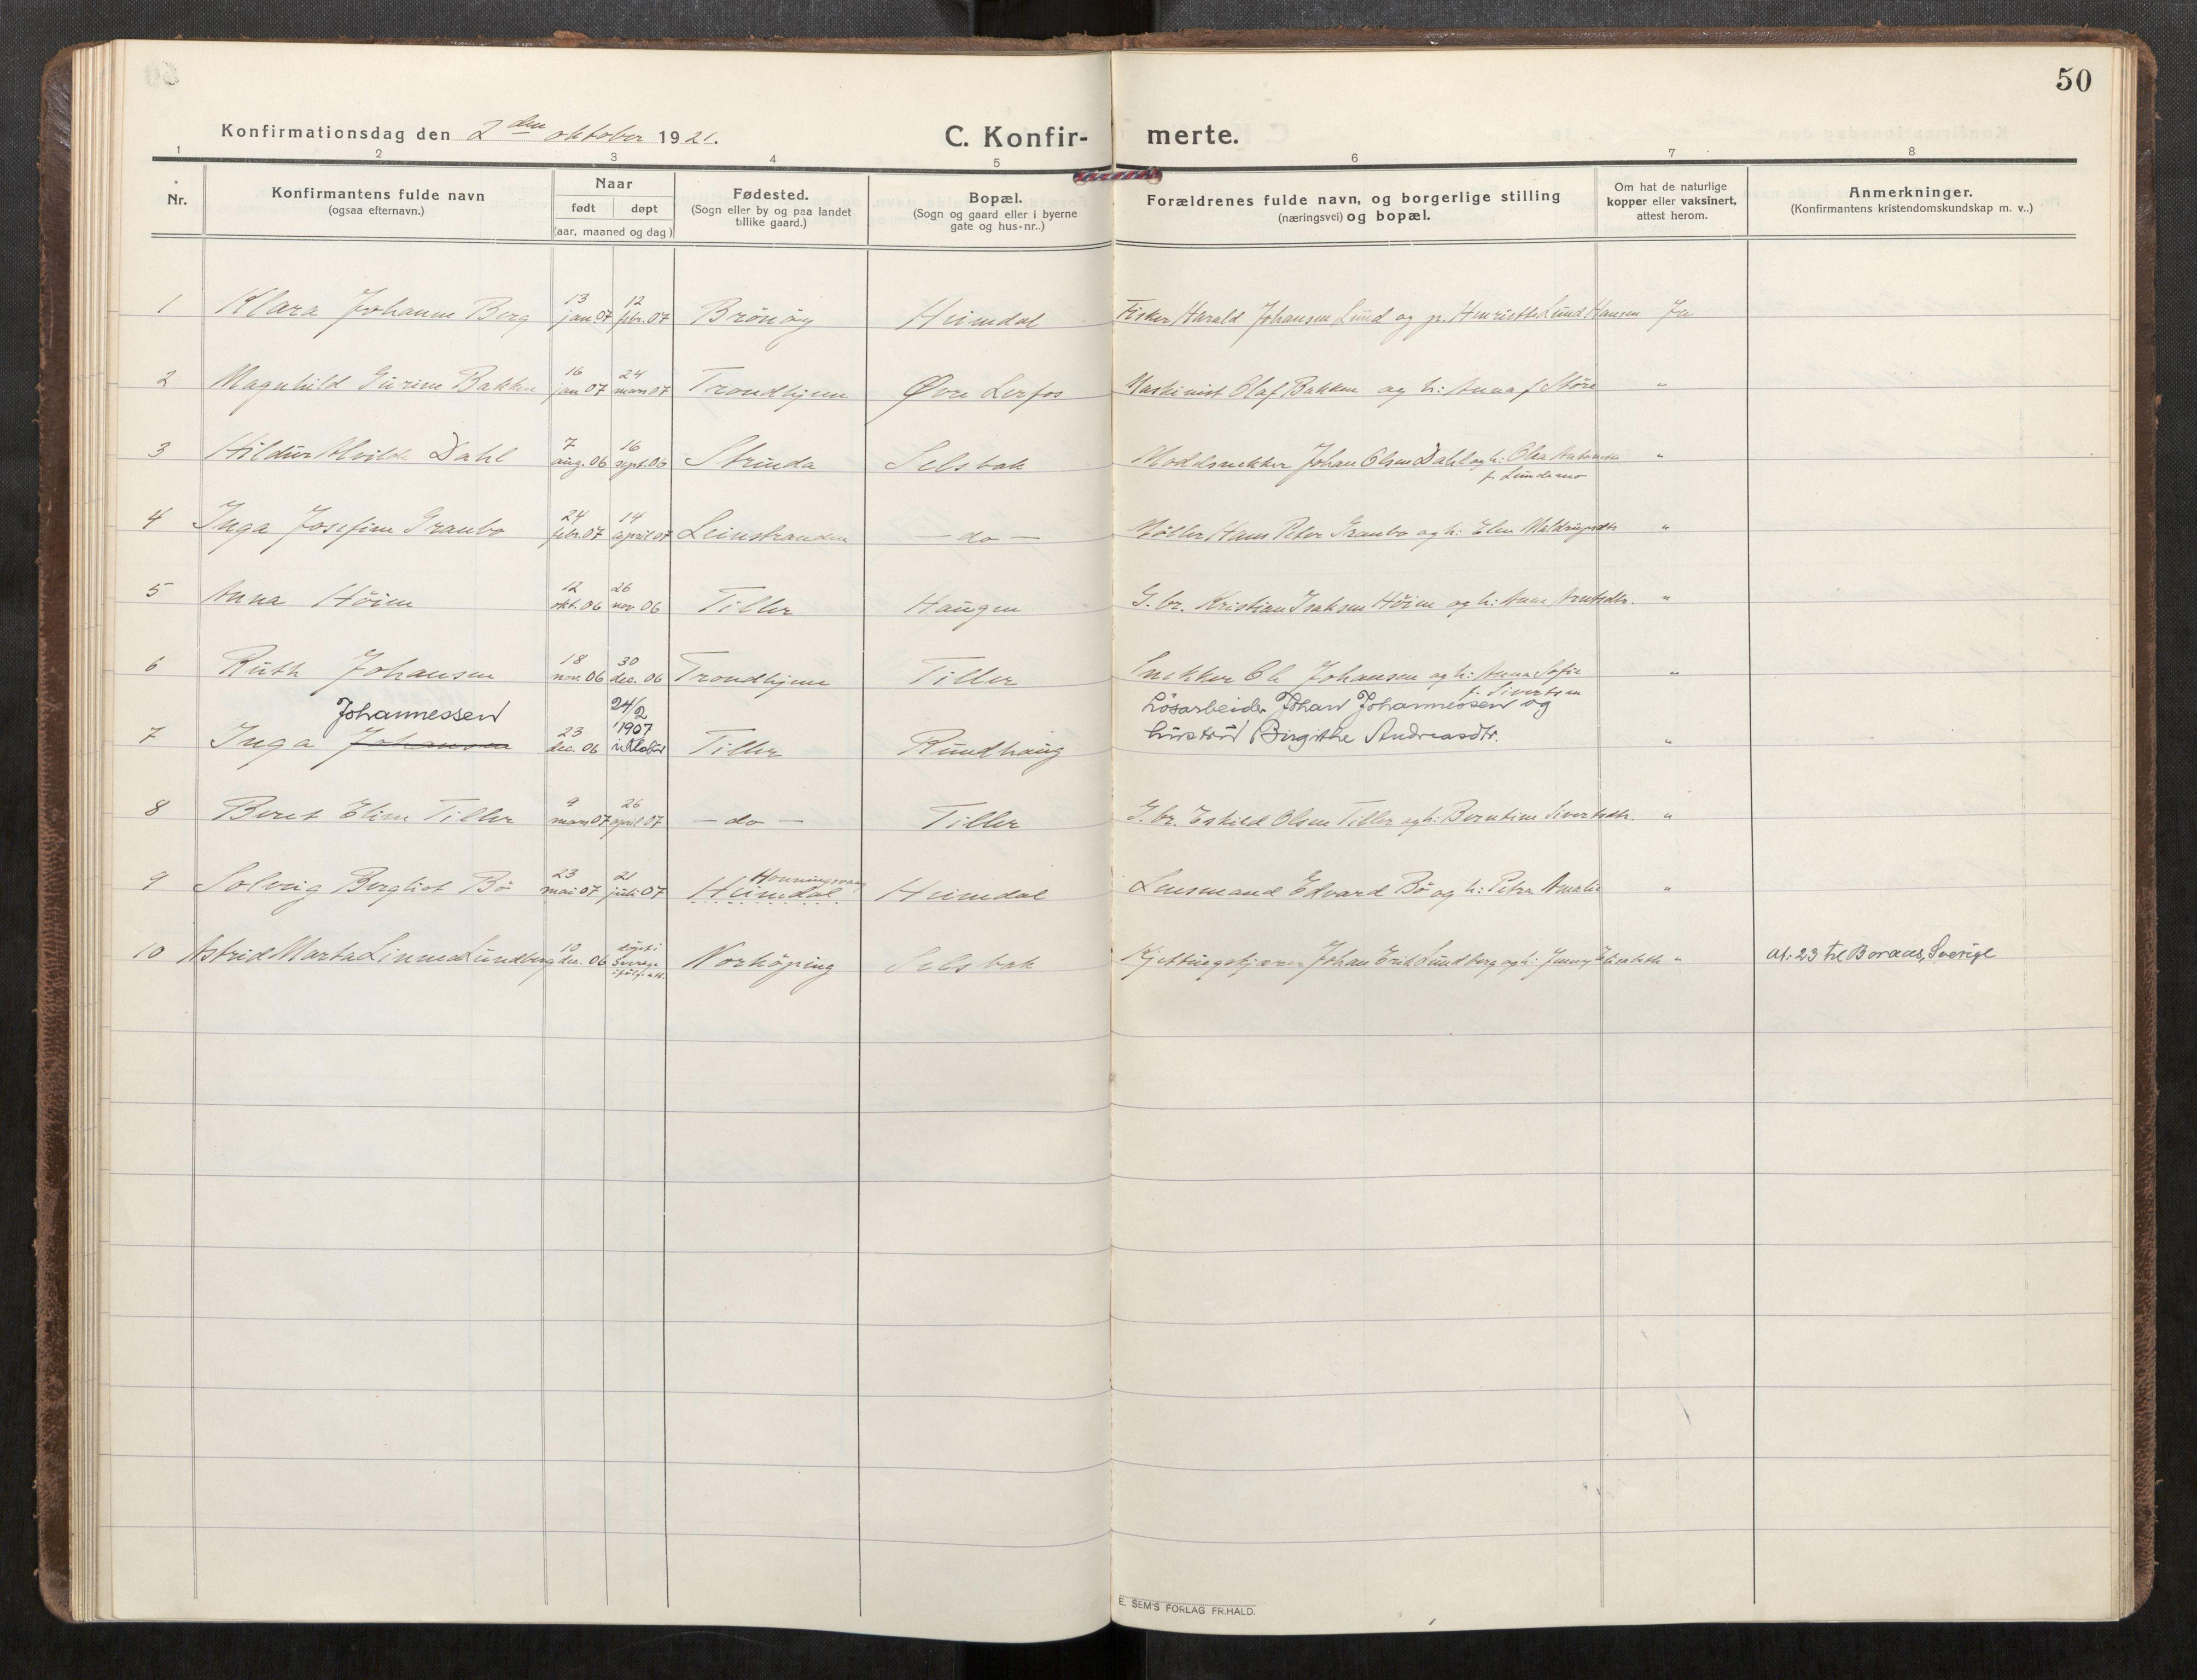 SAT, Klæbu sokneprestkontor, Parish register (official) no. 3, 1917-1924, p. 50